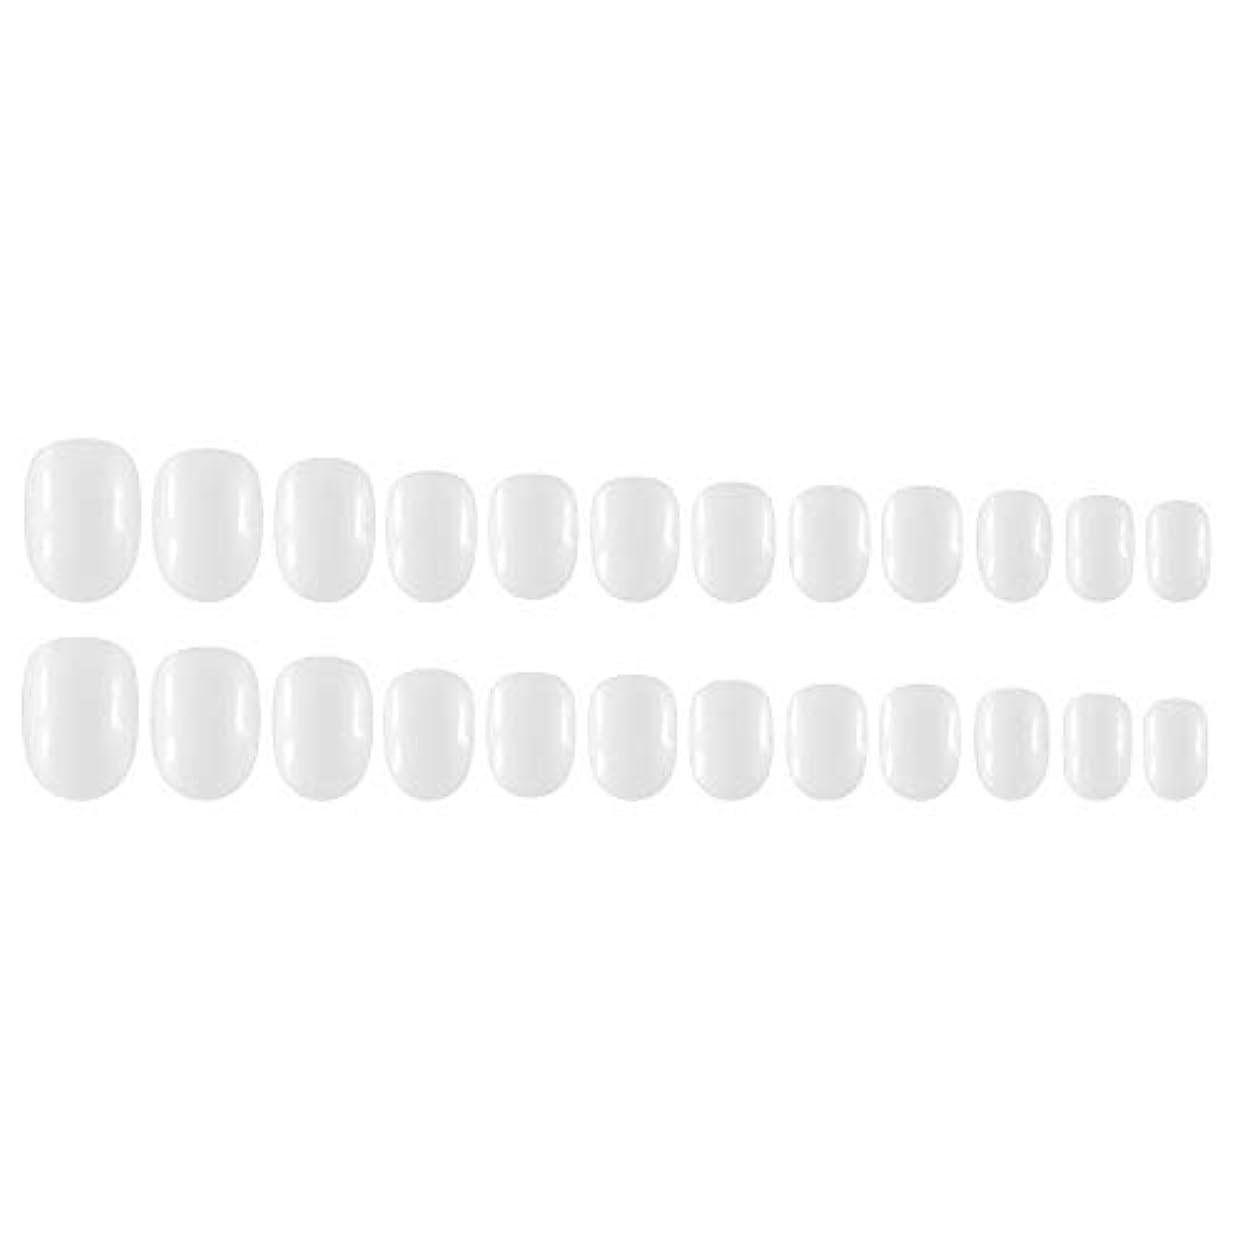 リダクターすべき構造的Decdeal Decdeal ネイルチップ 24ピース 12異なるサイズ diy サロン ネイルアートツール 偽